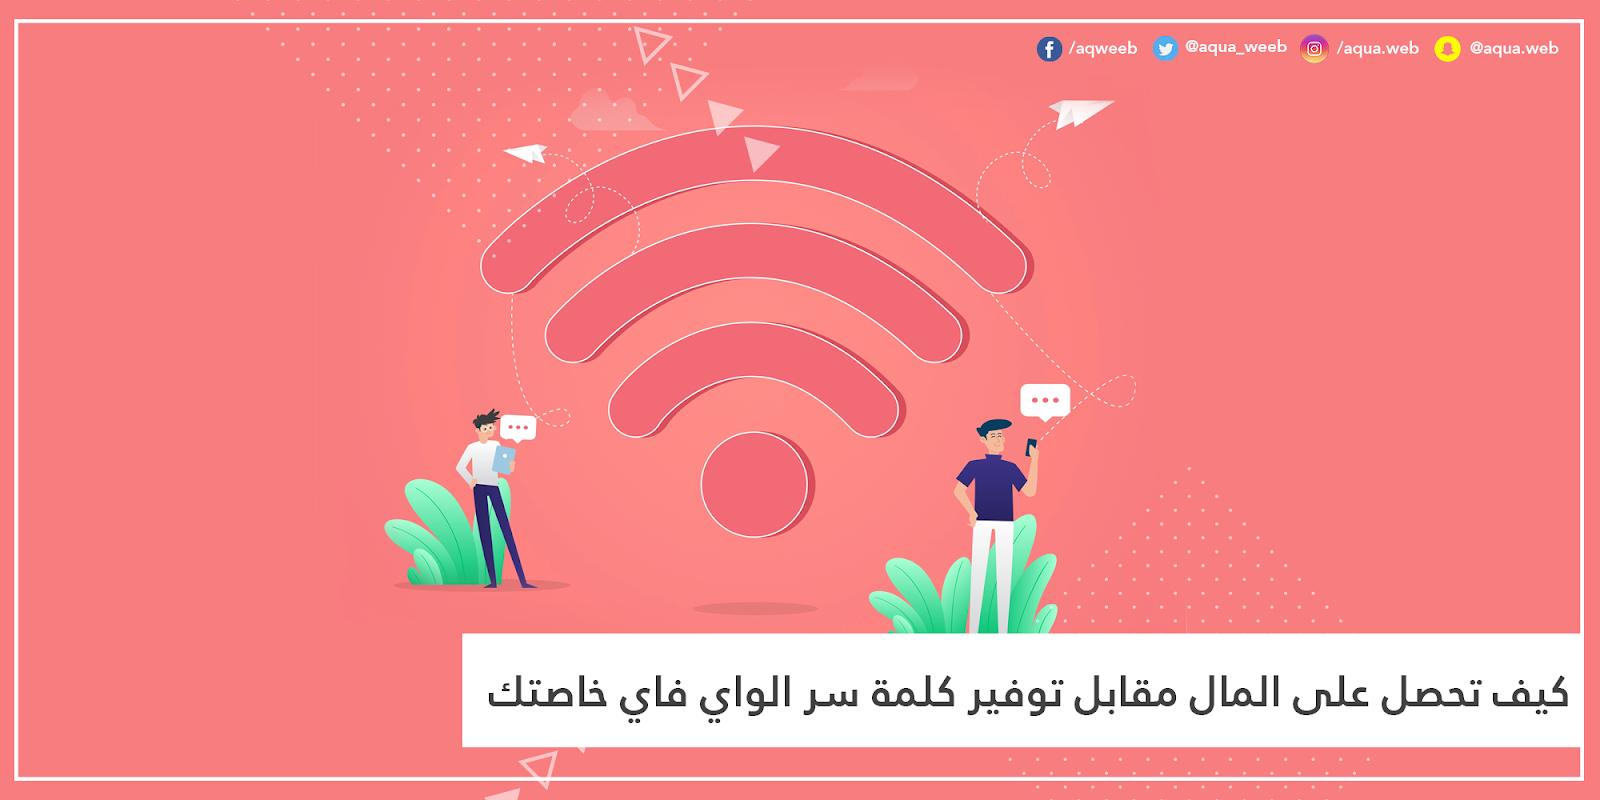 كيف تحصل على المال مقابل توفير كلمة سر الـ Wifi خاصتك